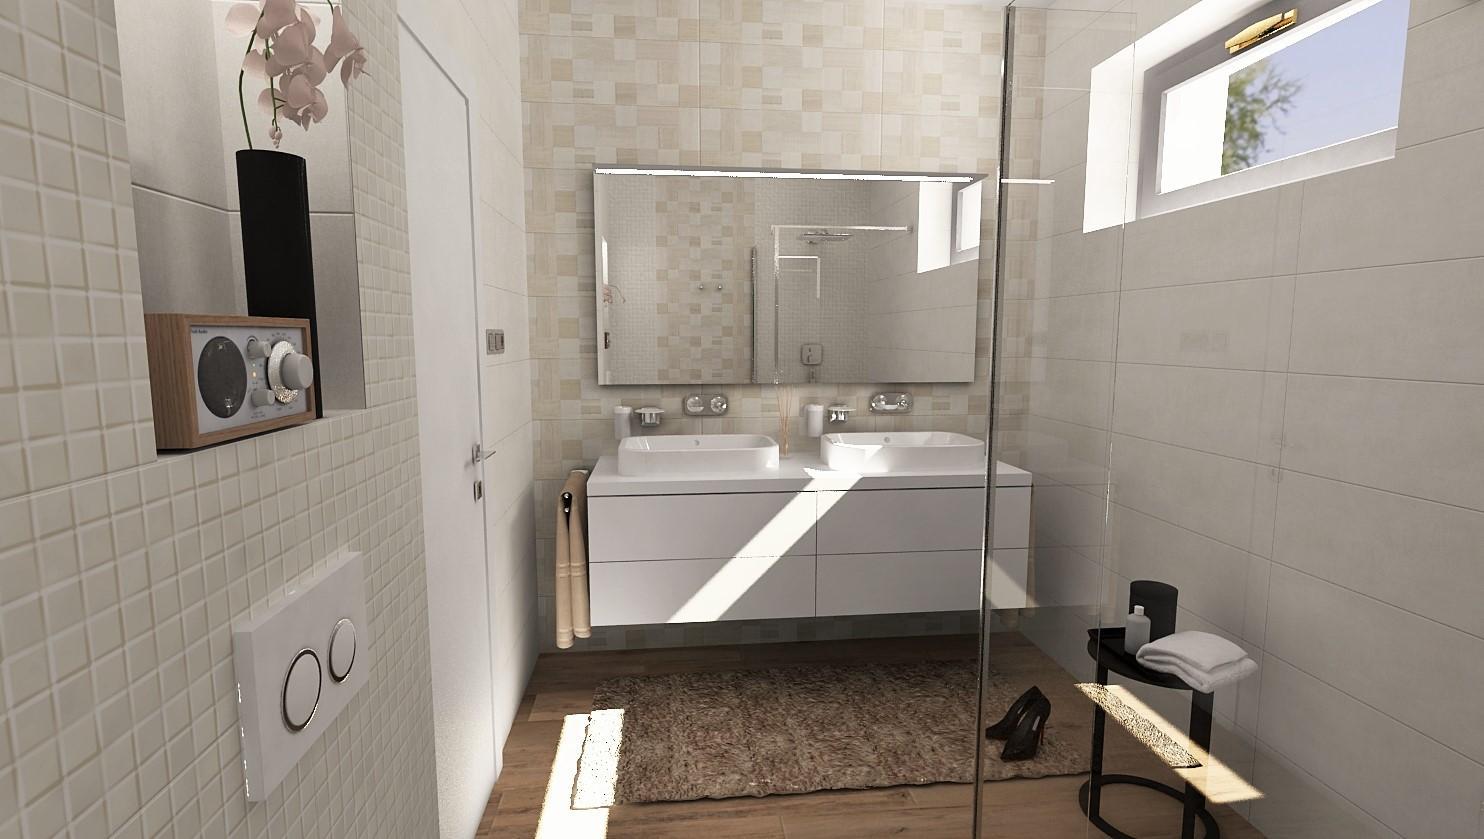 Návrhy a vizualizácie kúpeľní - Obrázok č. 44